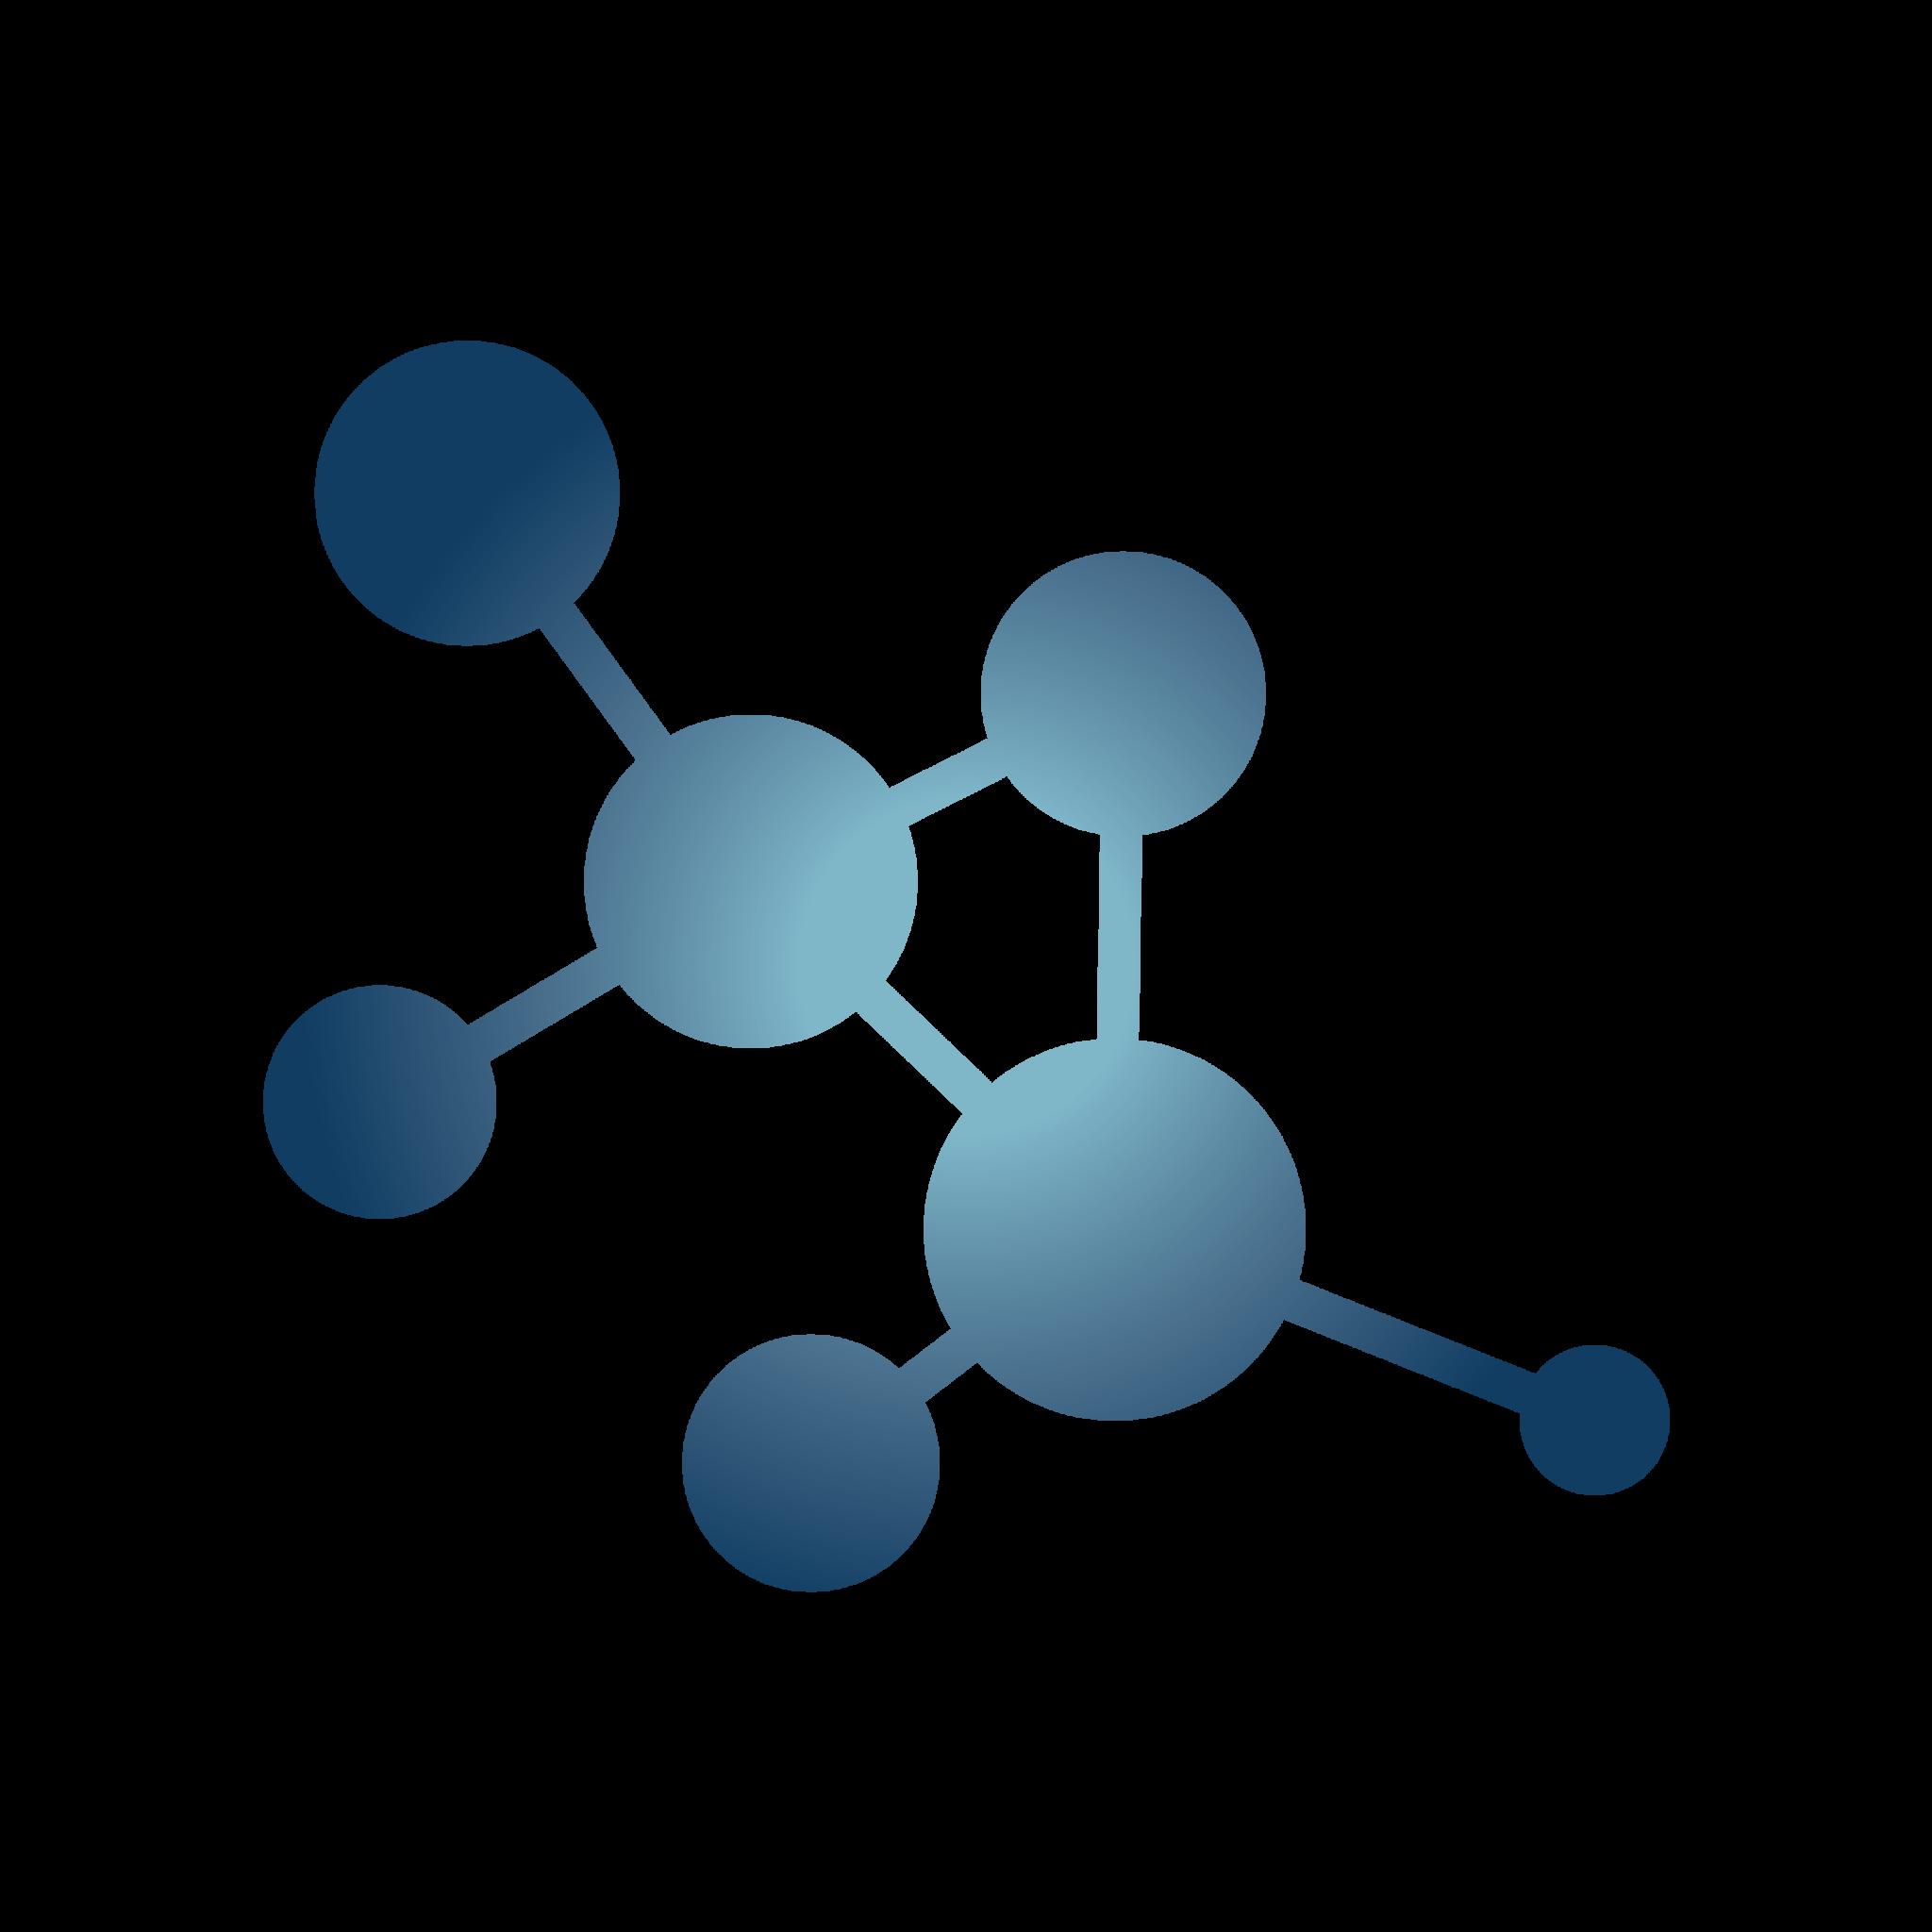 FIXD molecule